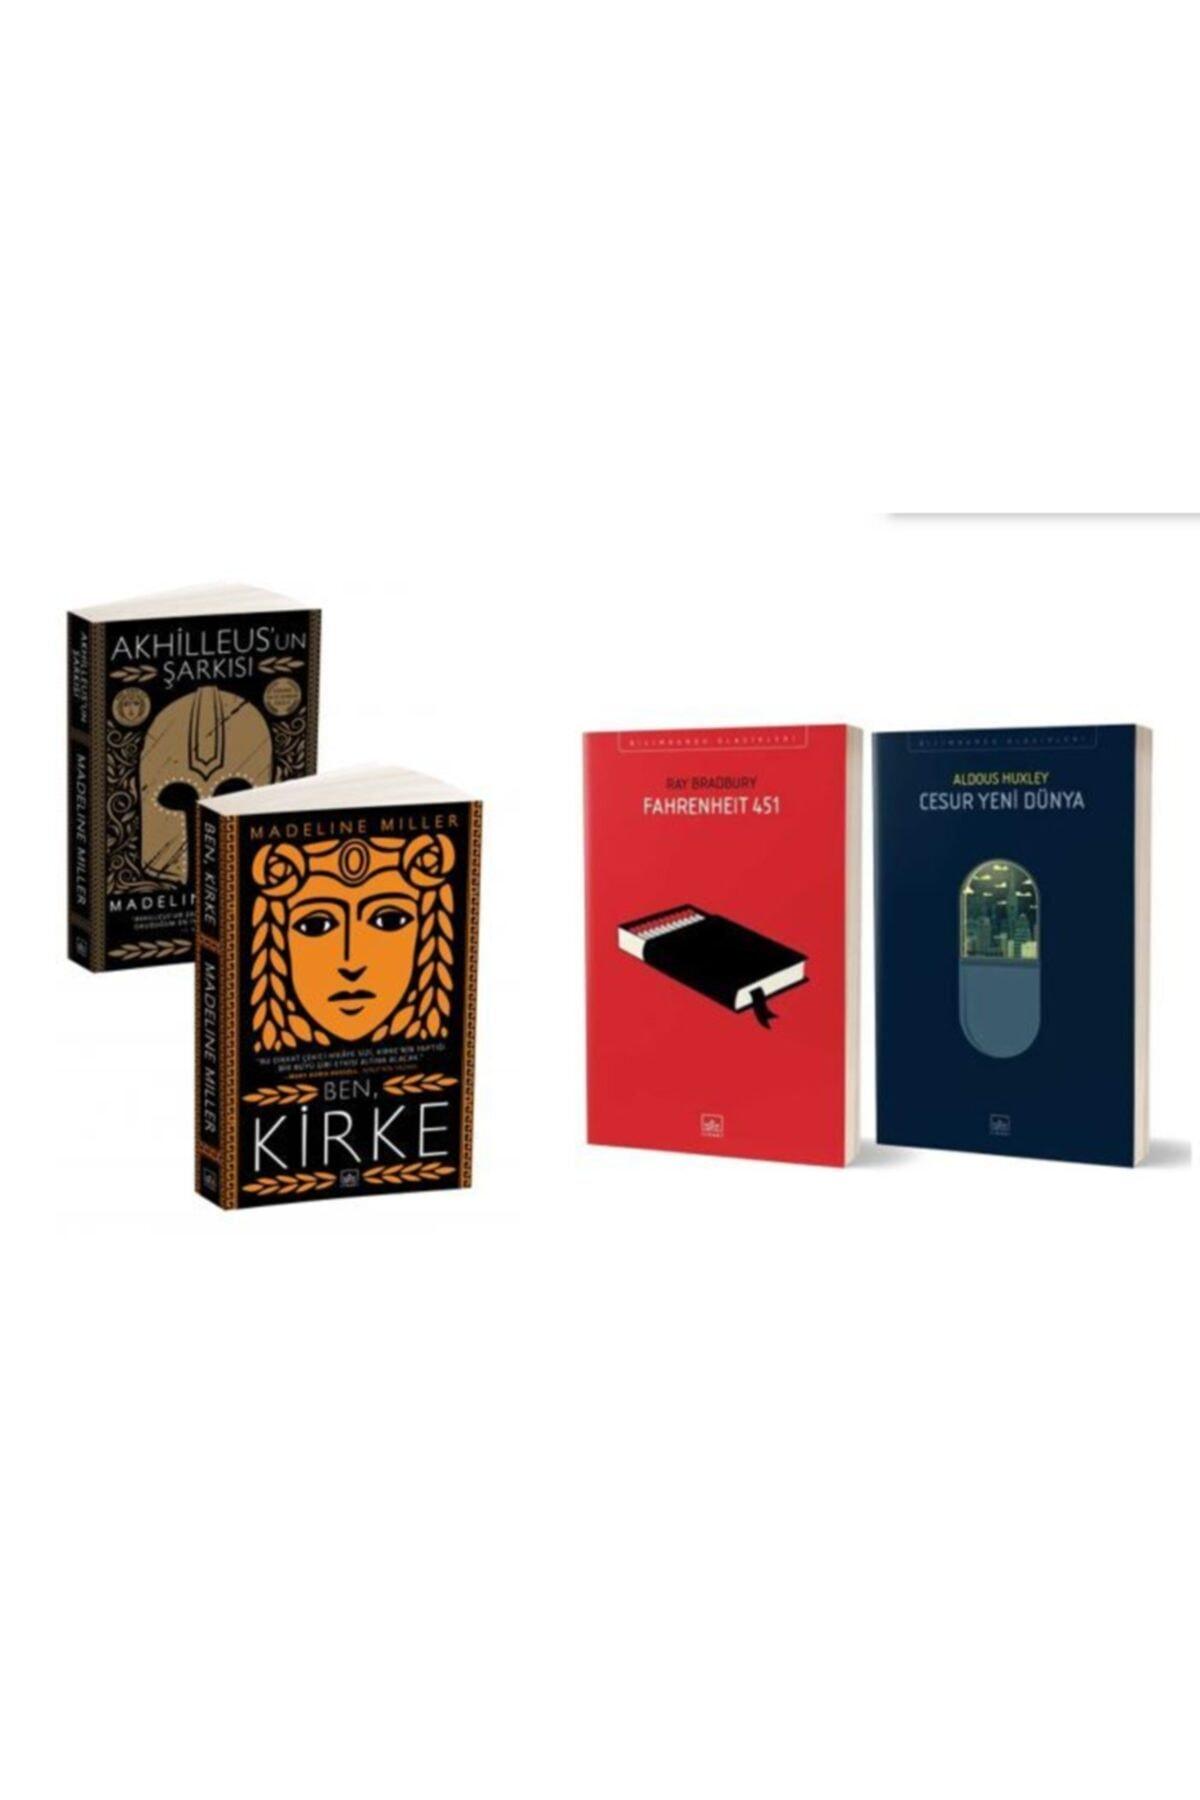 İthaki Yayınları Fahrenheit 451 + Cesur Yeni Dünya + Ben Kirke + Akhilleus'un Şarkısı (4 Kitap) 1